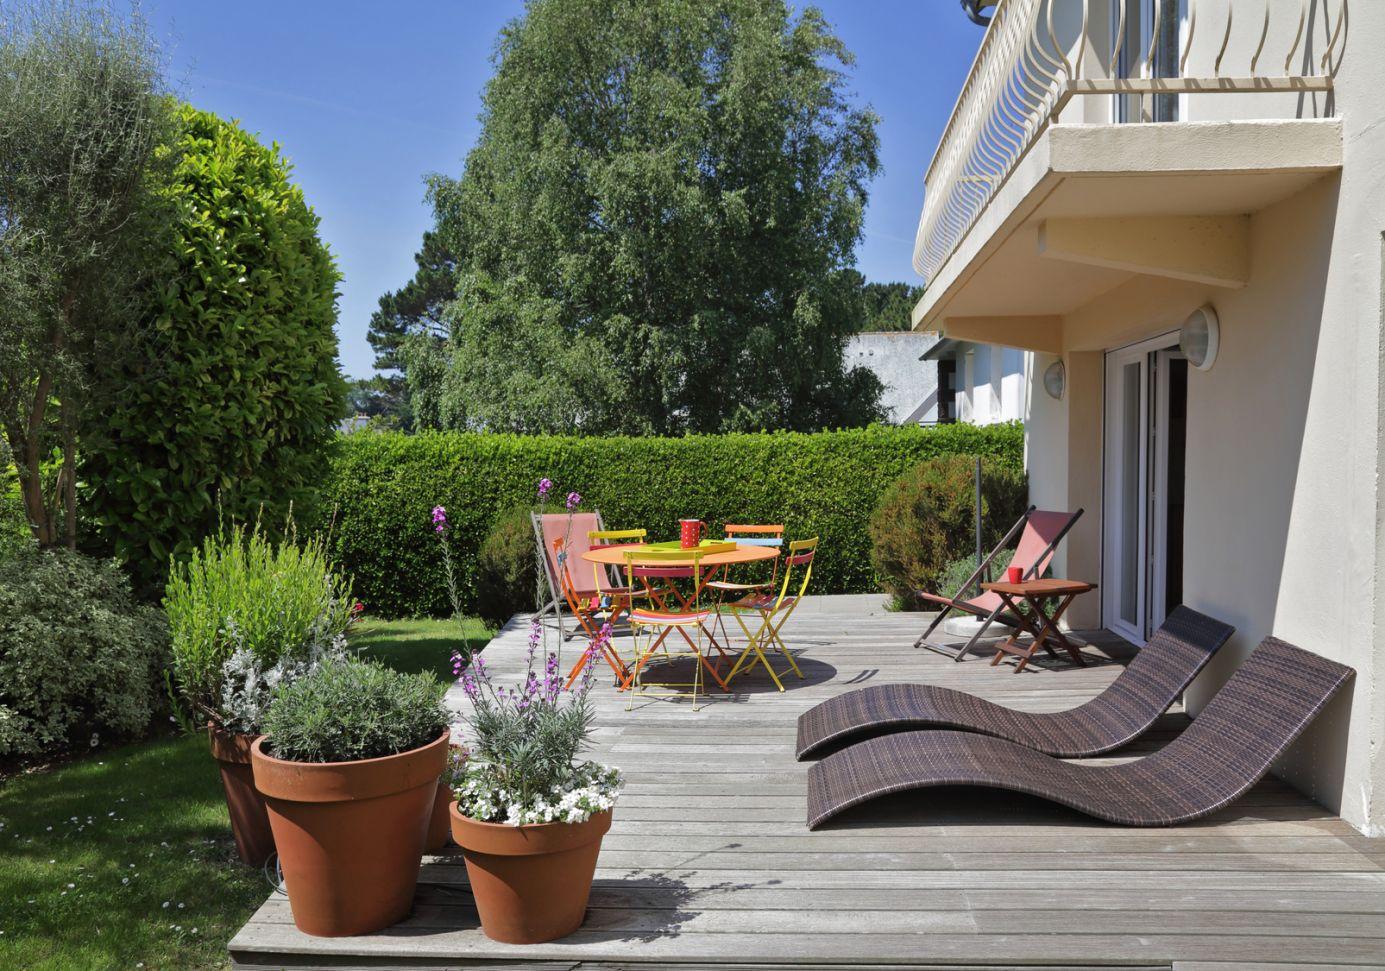 Conseils pour bien aménager sa terrasse - - Logéhome